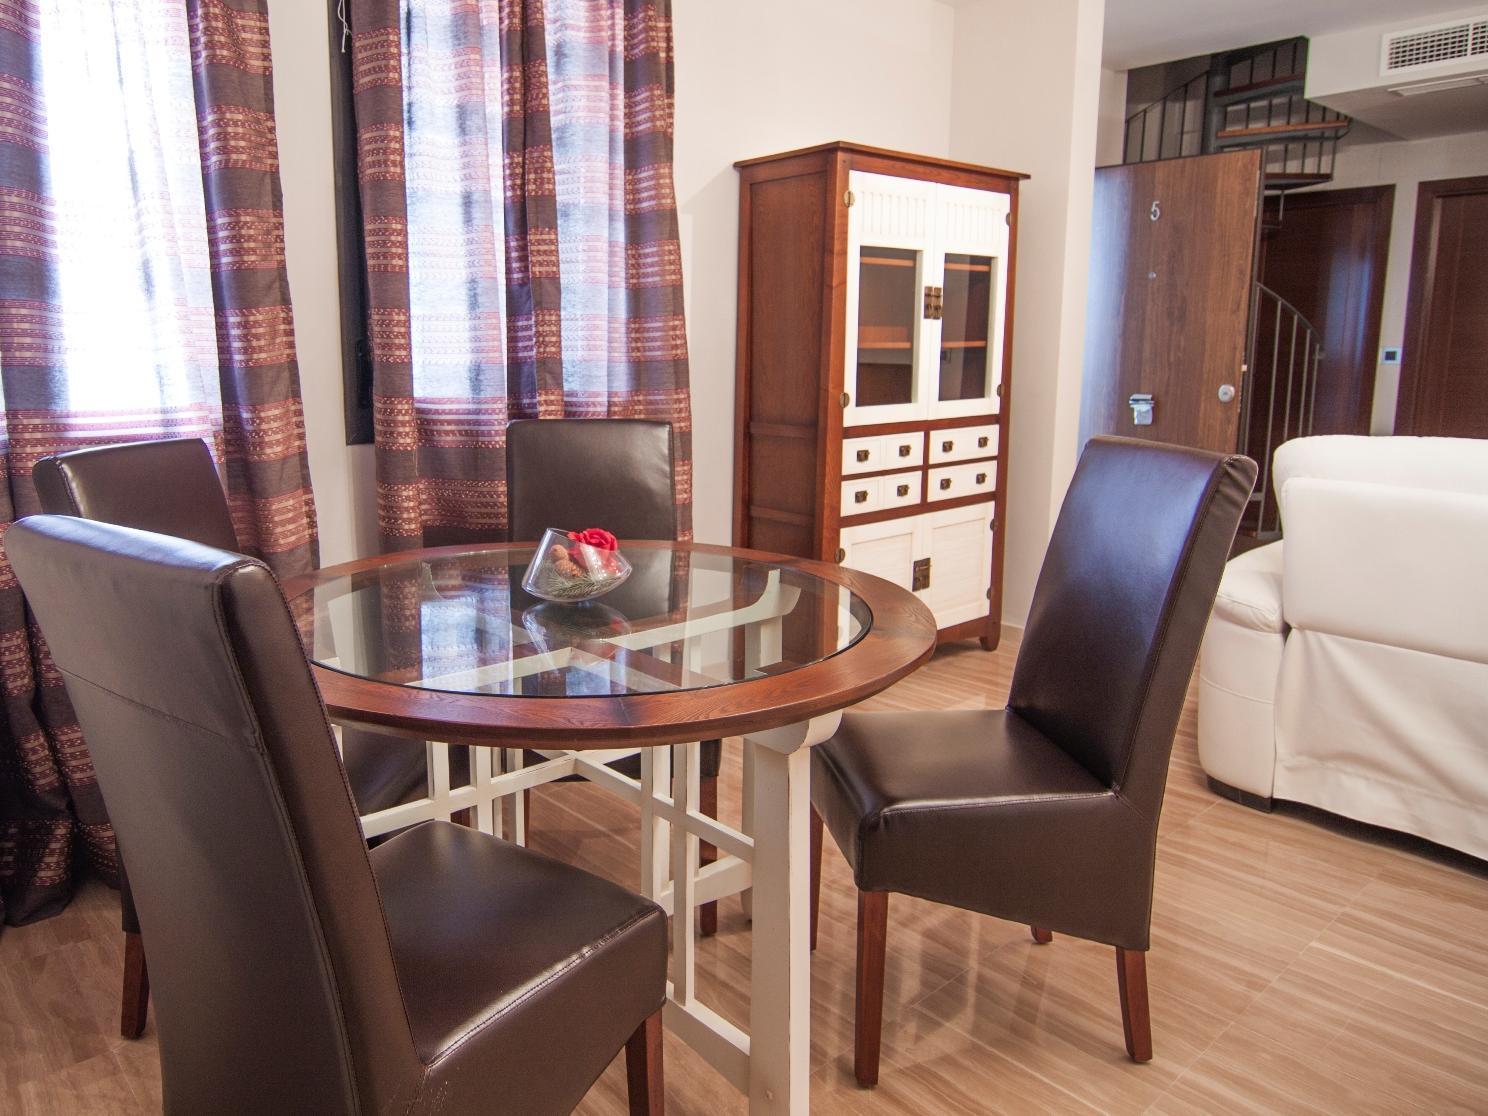 Seville Hotels Reservation